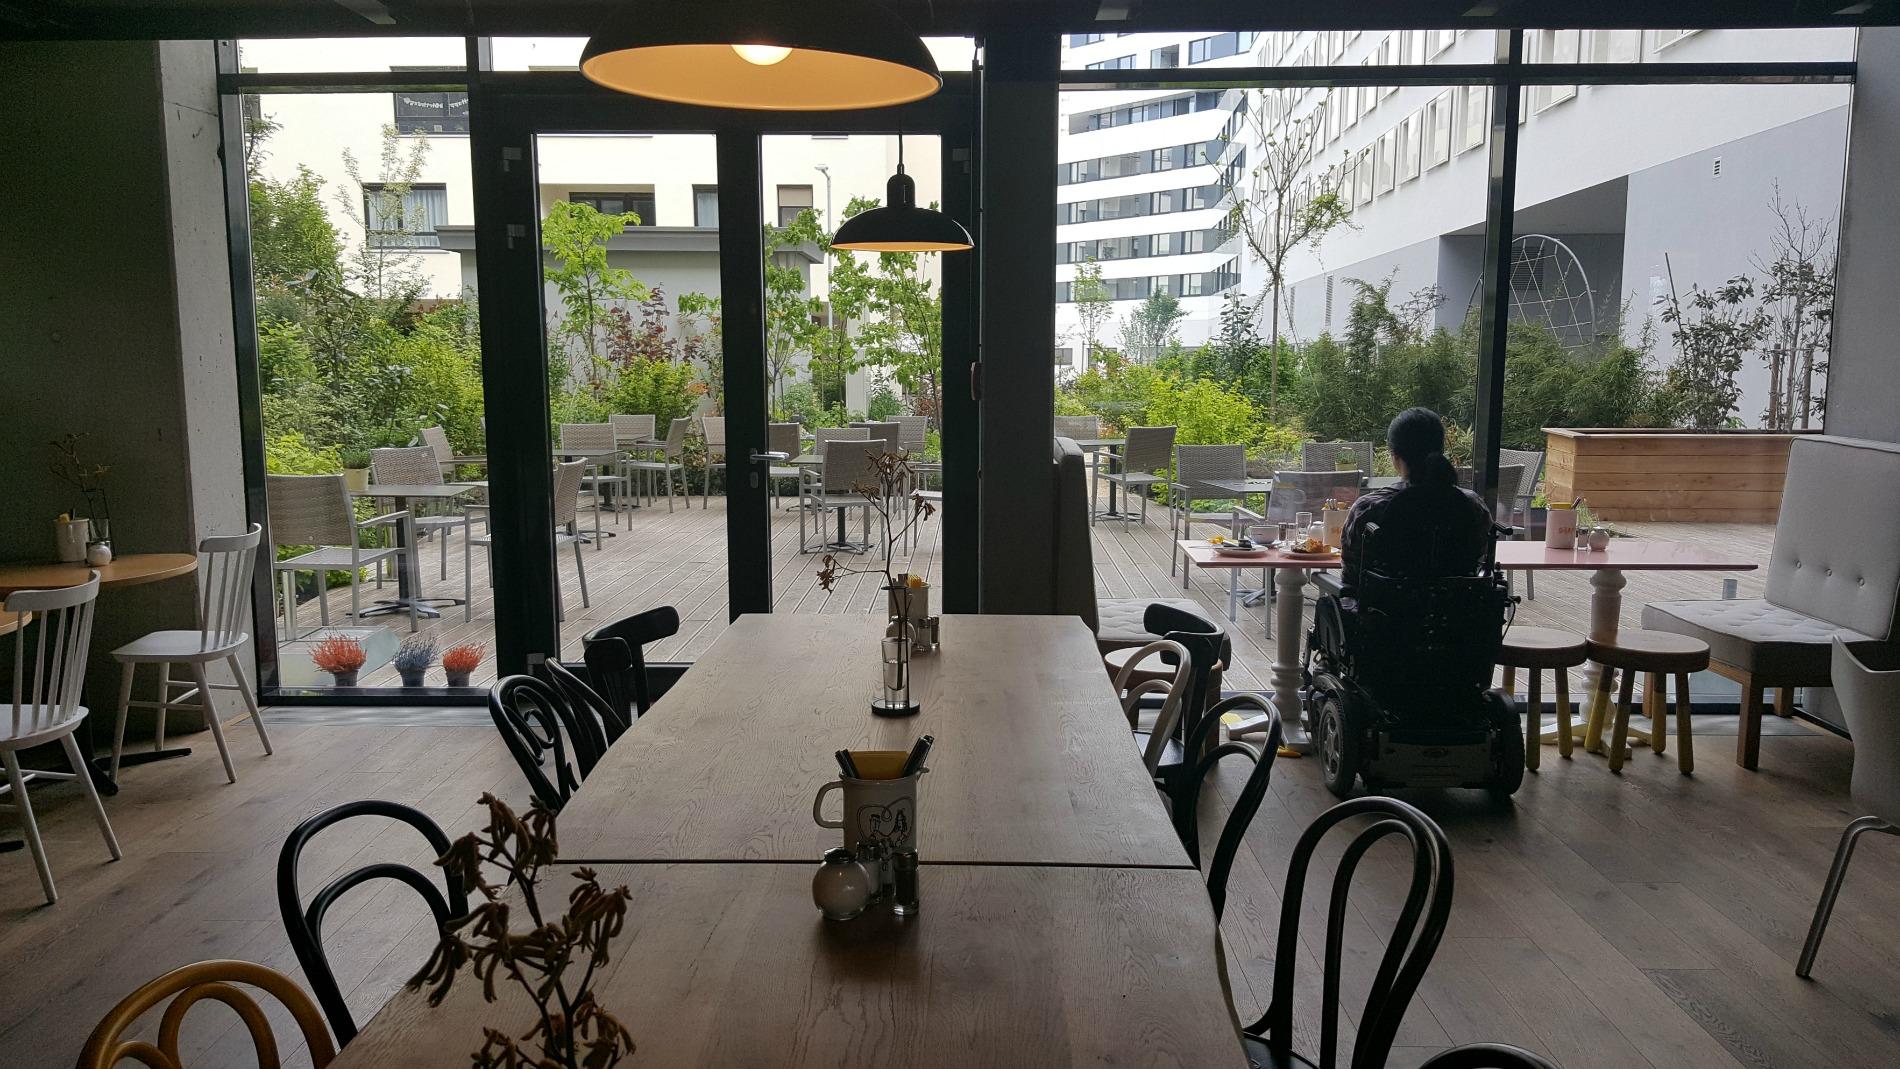 hotel-schani-wien-breakfast-lobby-garden-view